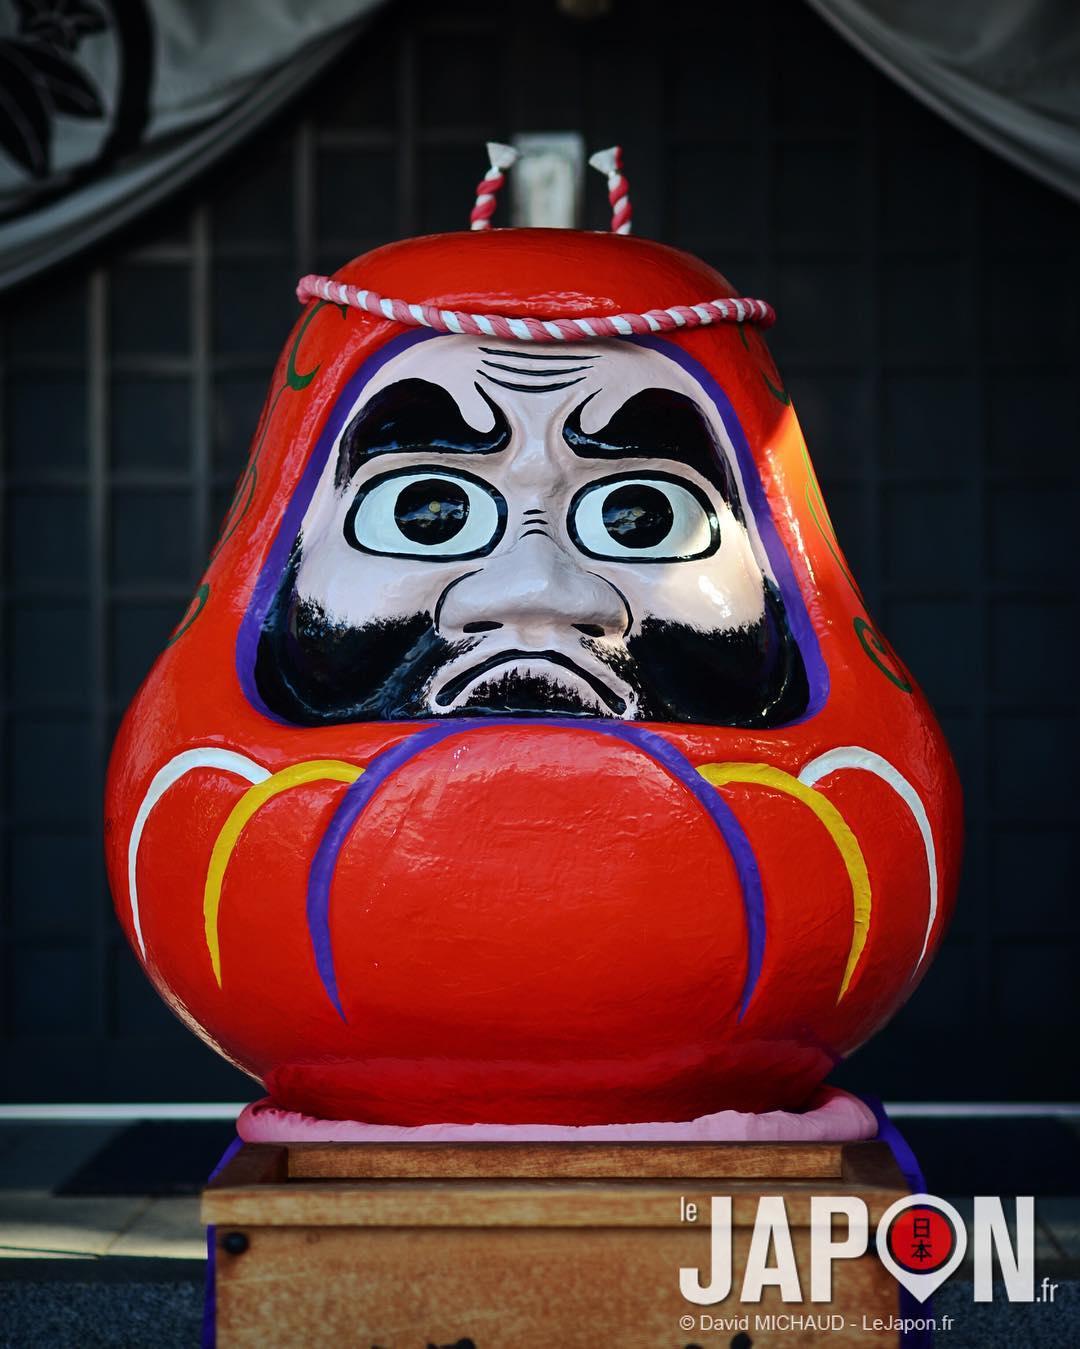 """Le Daruma à l'entrée du Toidarumadera. On n'a pas payé les 500 Yens pour entrer voir """"le plus grand Daruma du Japon"""" car ça faisait un peu piège à touriste (japonais)... #土肥 達磨寺 #Izu #toidarumadera"""